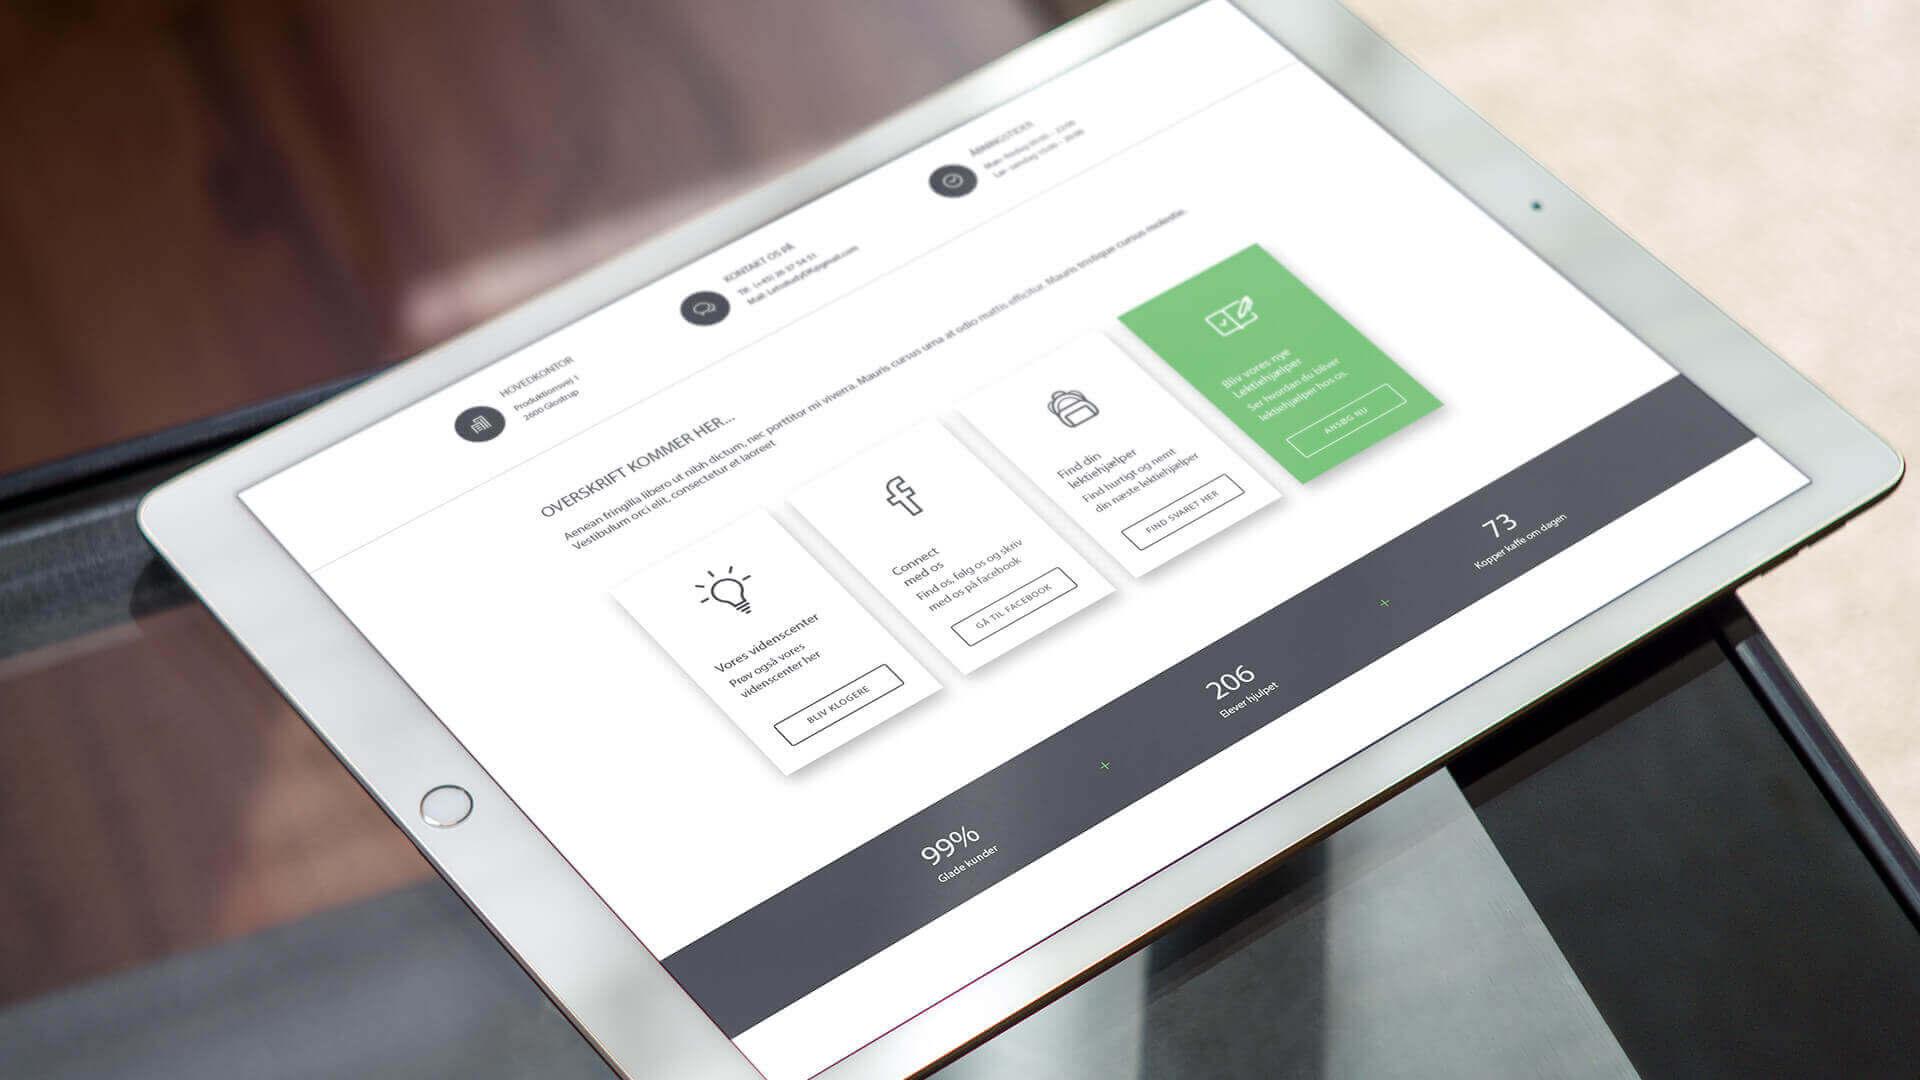 Letsstudy præsentation på iPadd